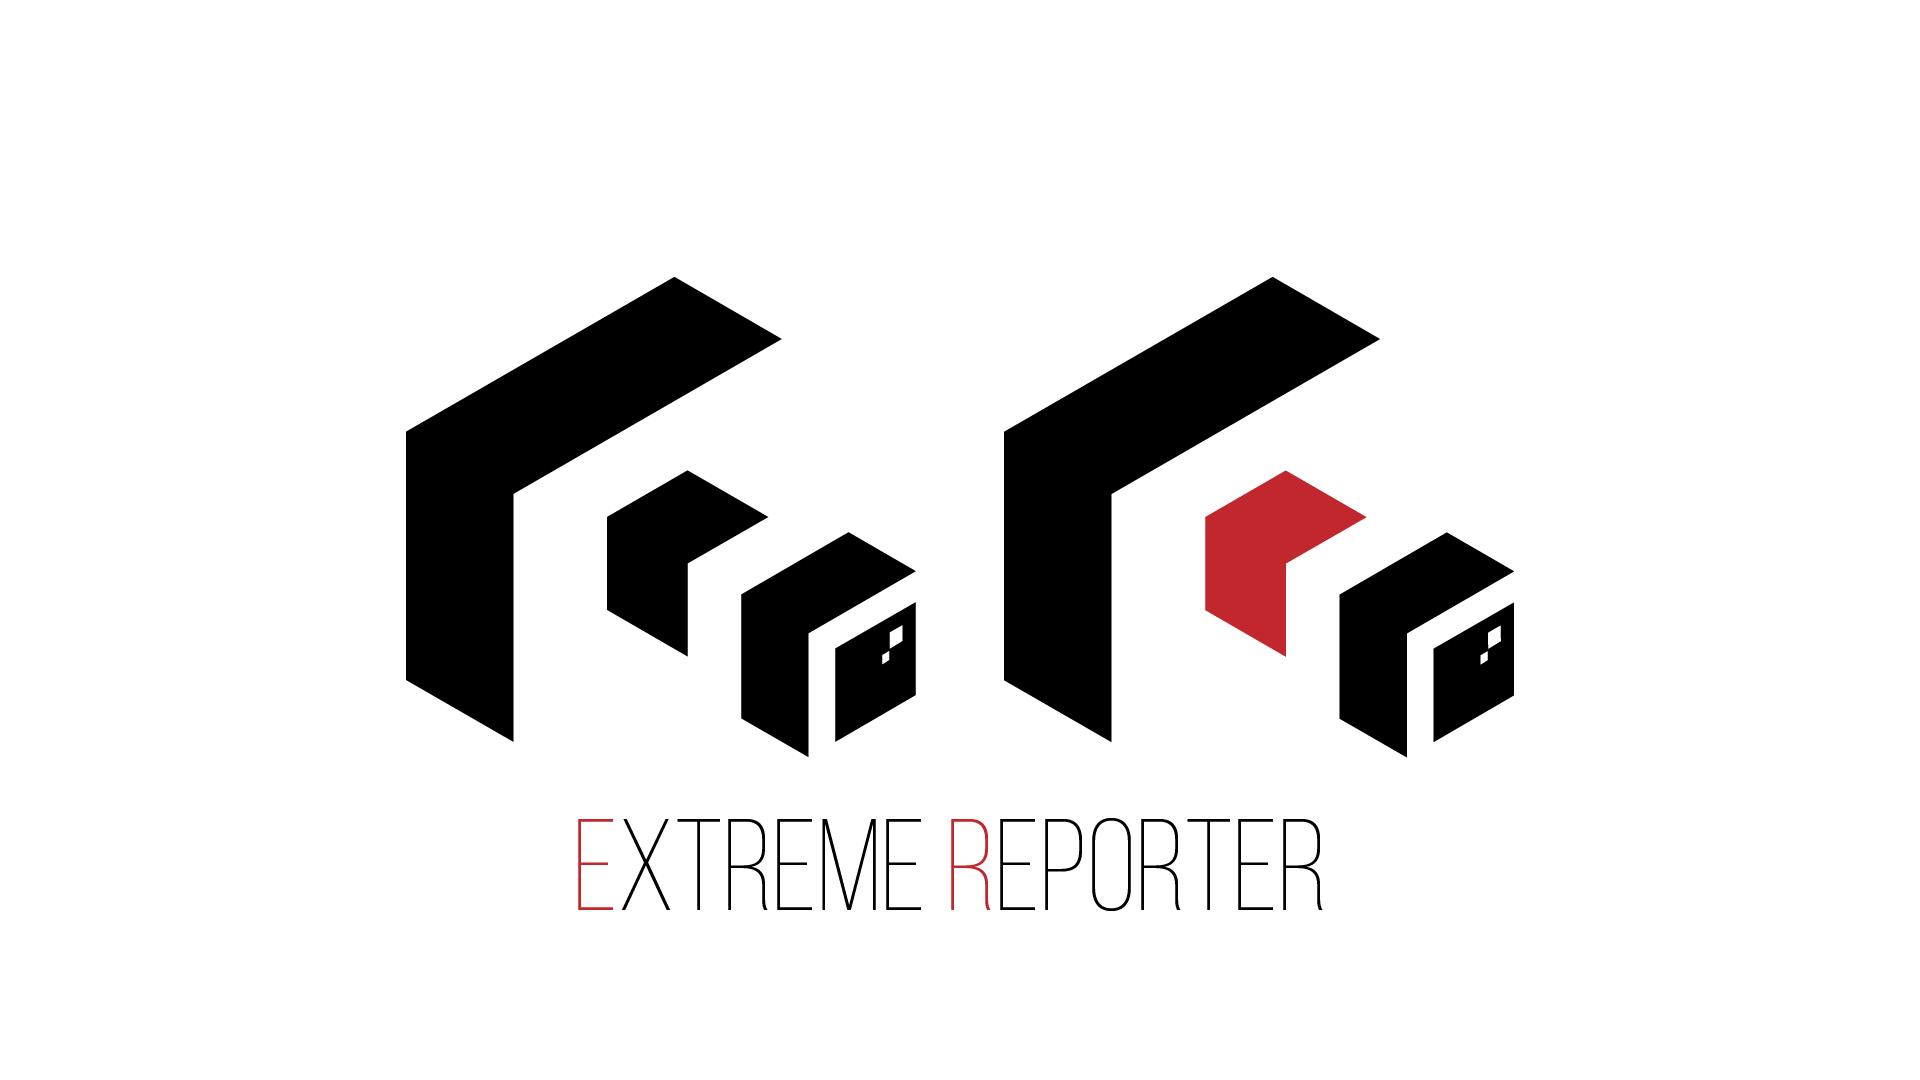 Логотип для экстрим фотографа.  фото f_2225a529a722c51f.png